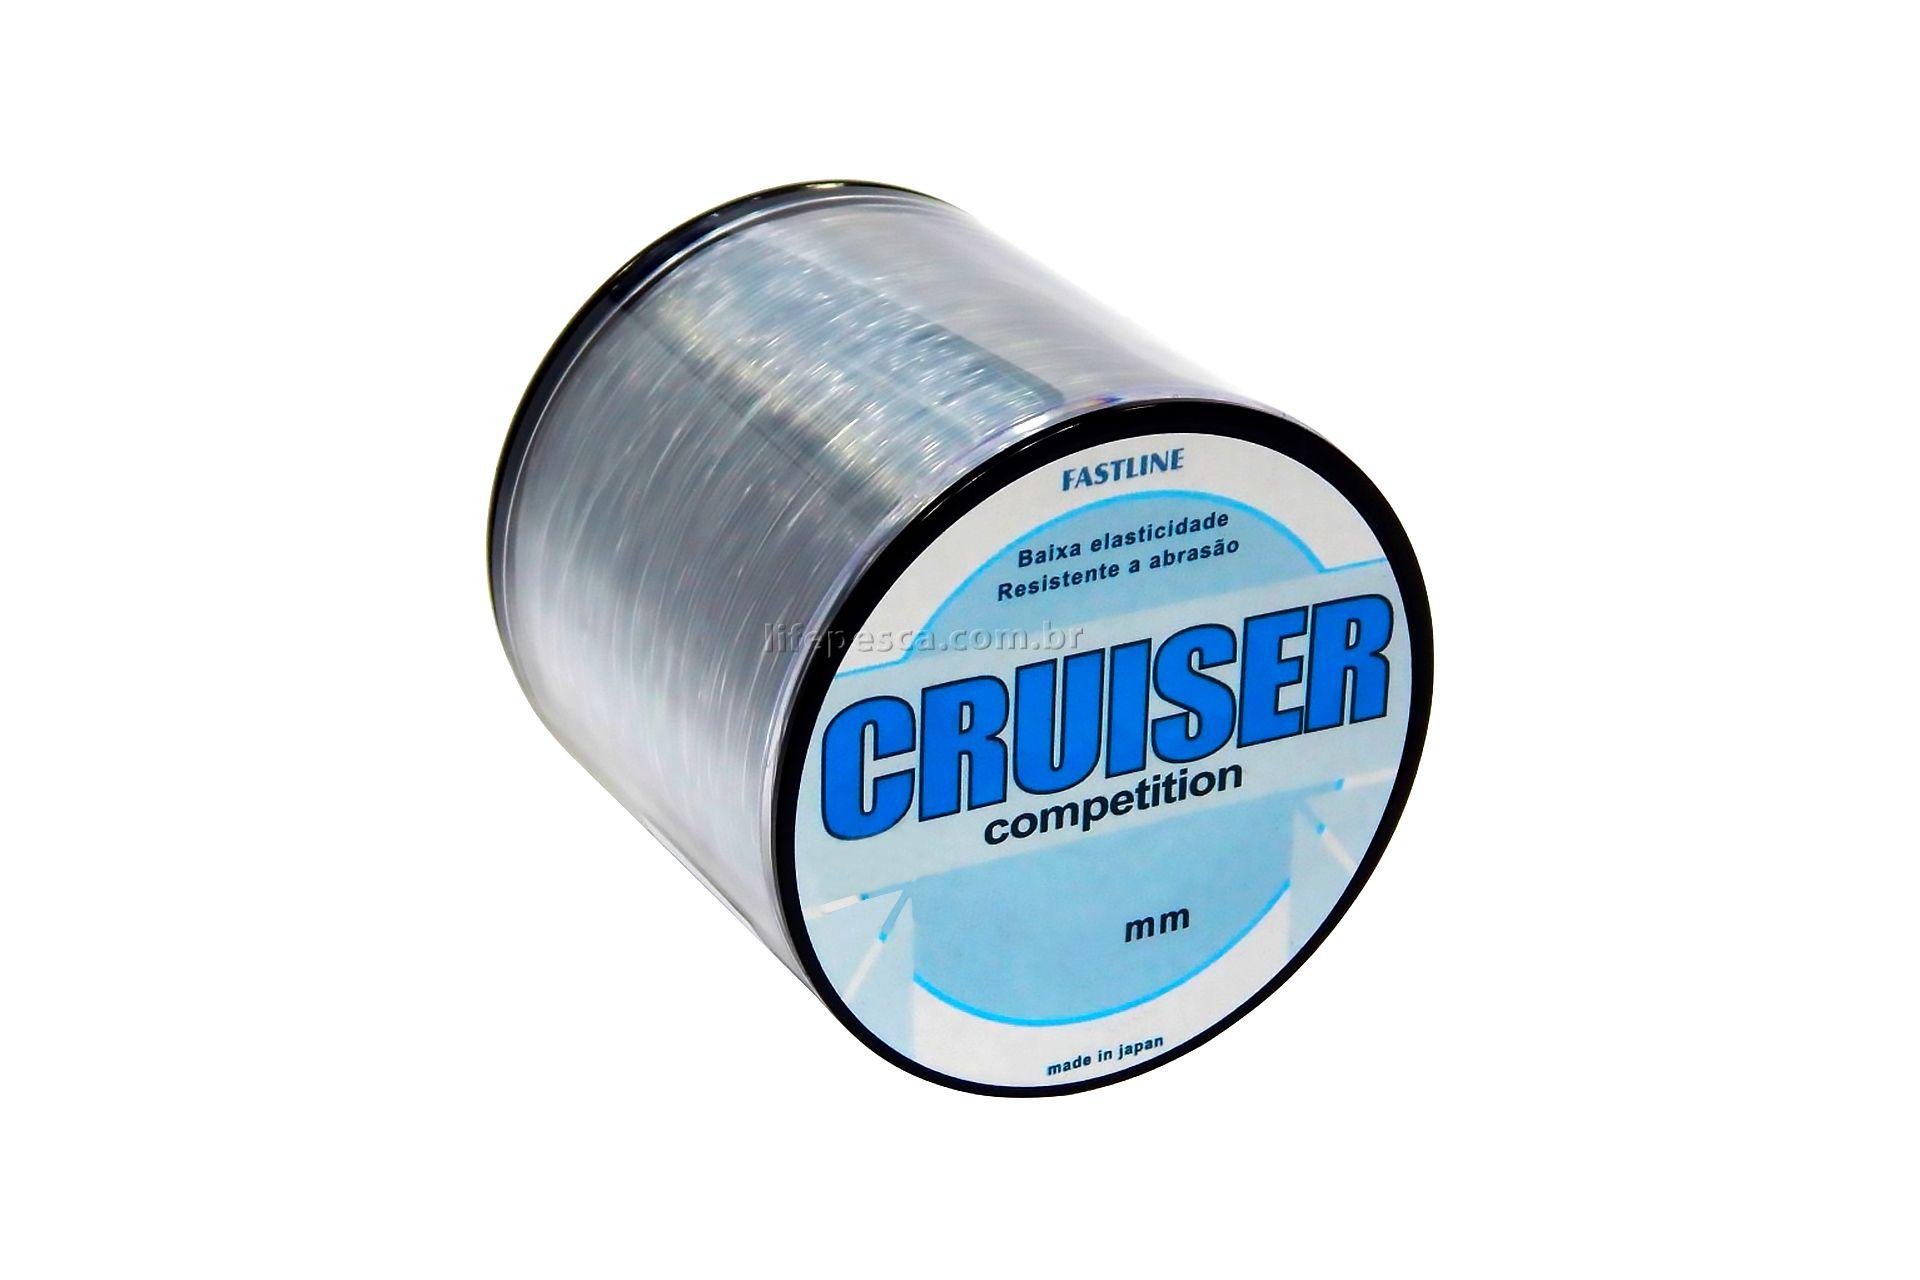 Linha Monofilamento Fastline Cruiser Competition 0,405mm 32lb/14,5kg - 500 Metros   - Life Pesca - Sua loja de Pesca, Camping e Lazer